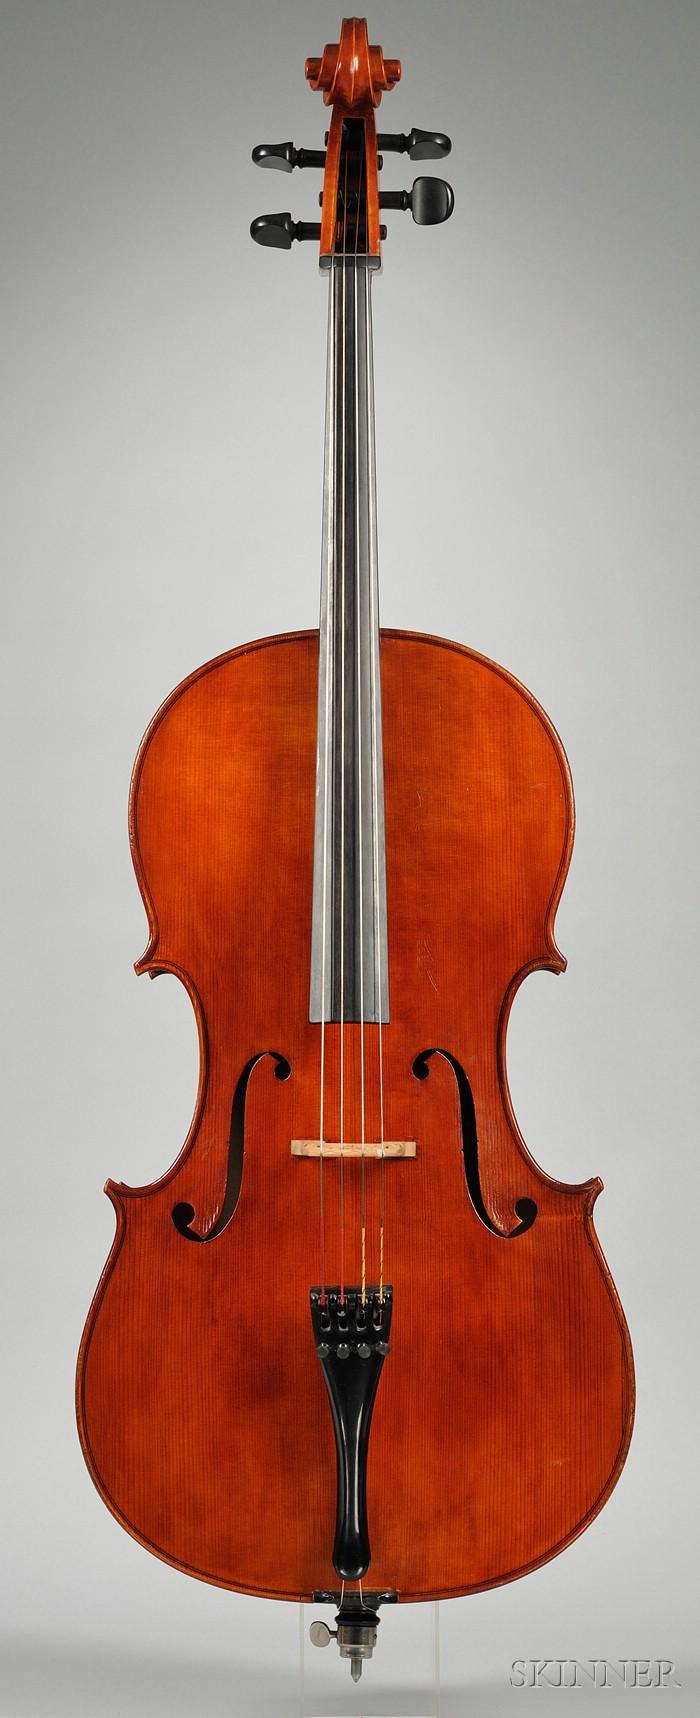 Modern Italian Violoncello, Natale Carletti, Pieve di Cento, 1951